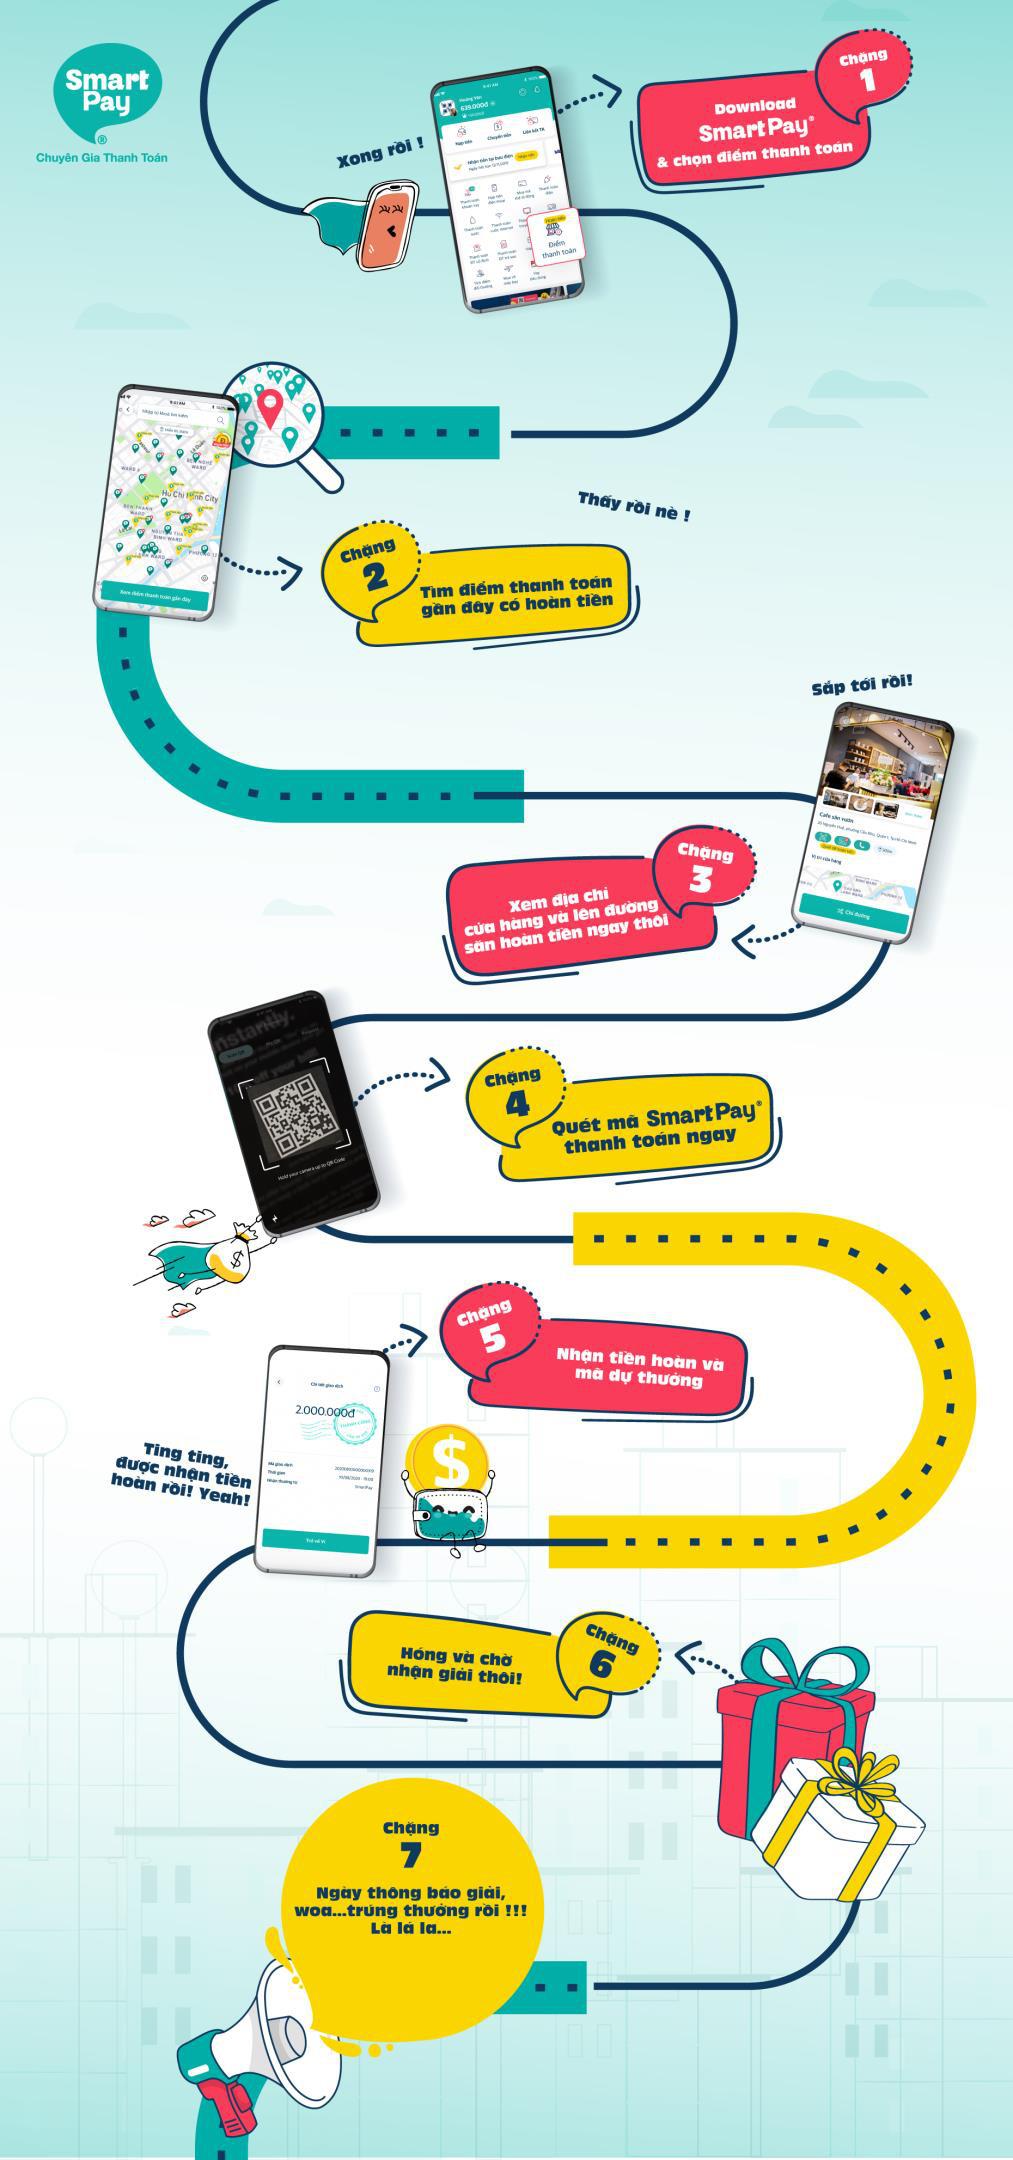 Quét mã thanh toán với SmartPay – Cơ hội nhận ngay 99 triệu đồng - Ảnh 3.